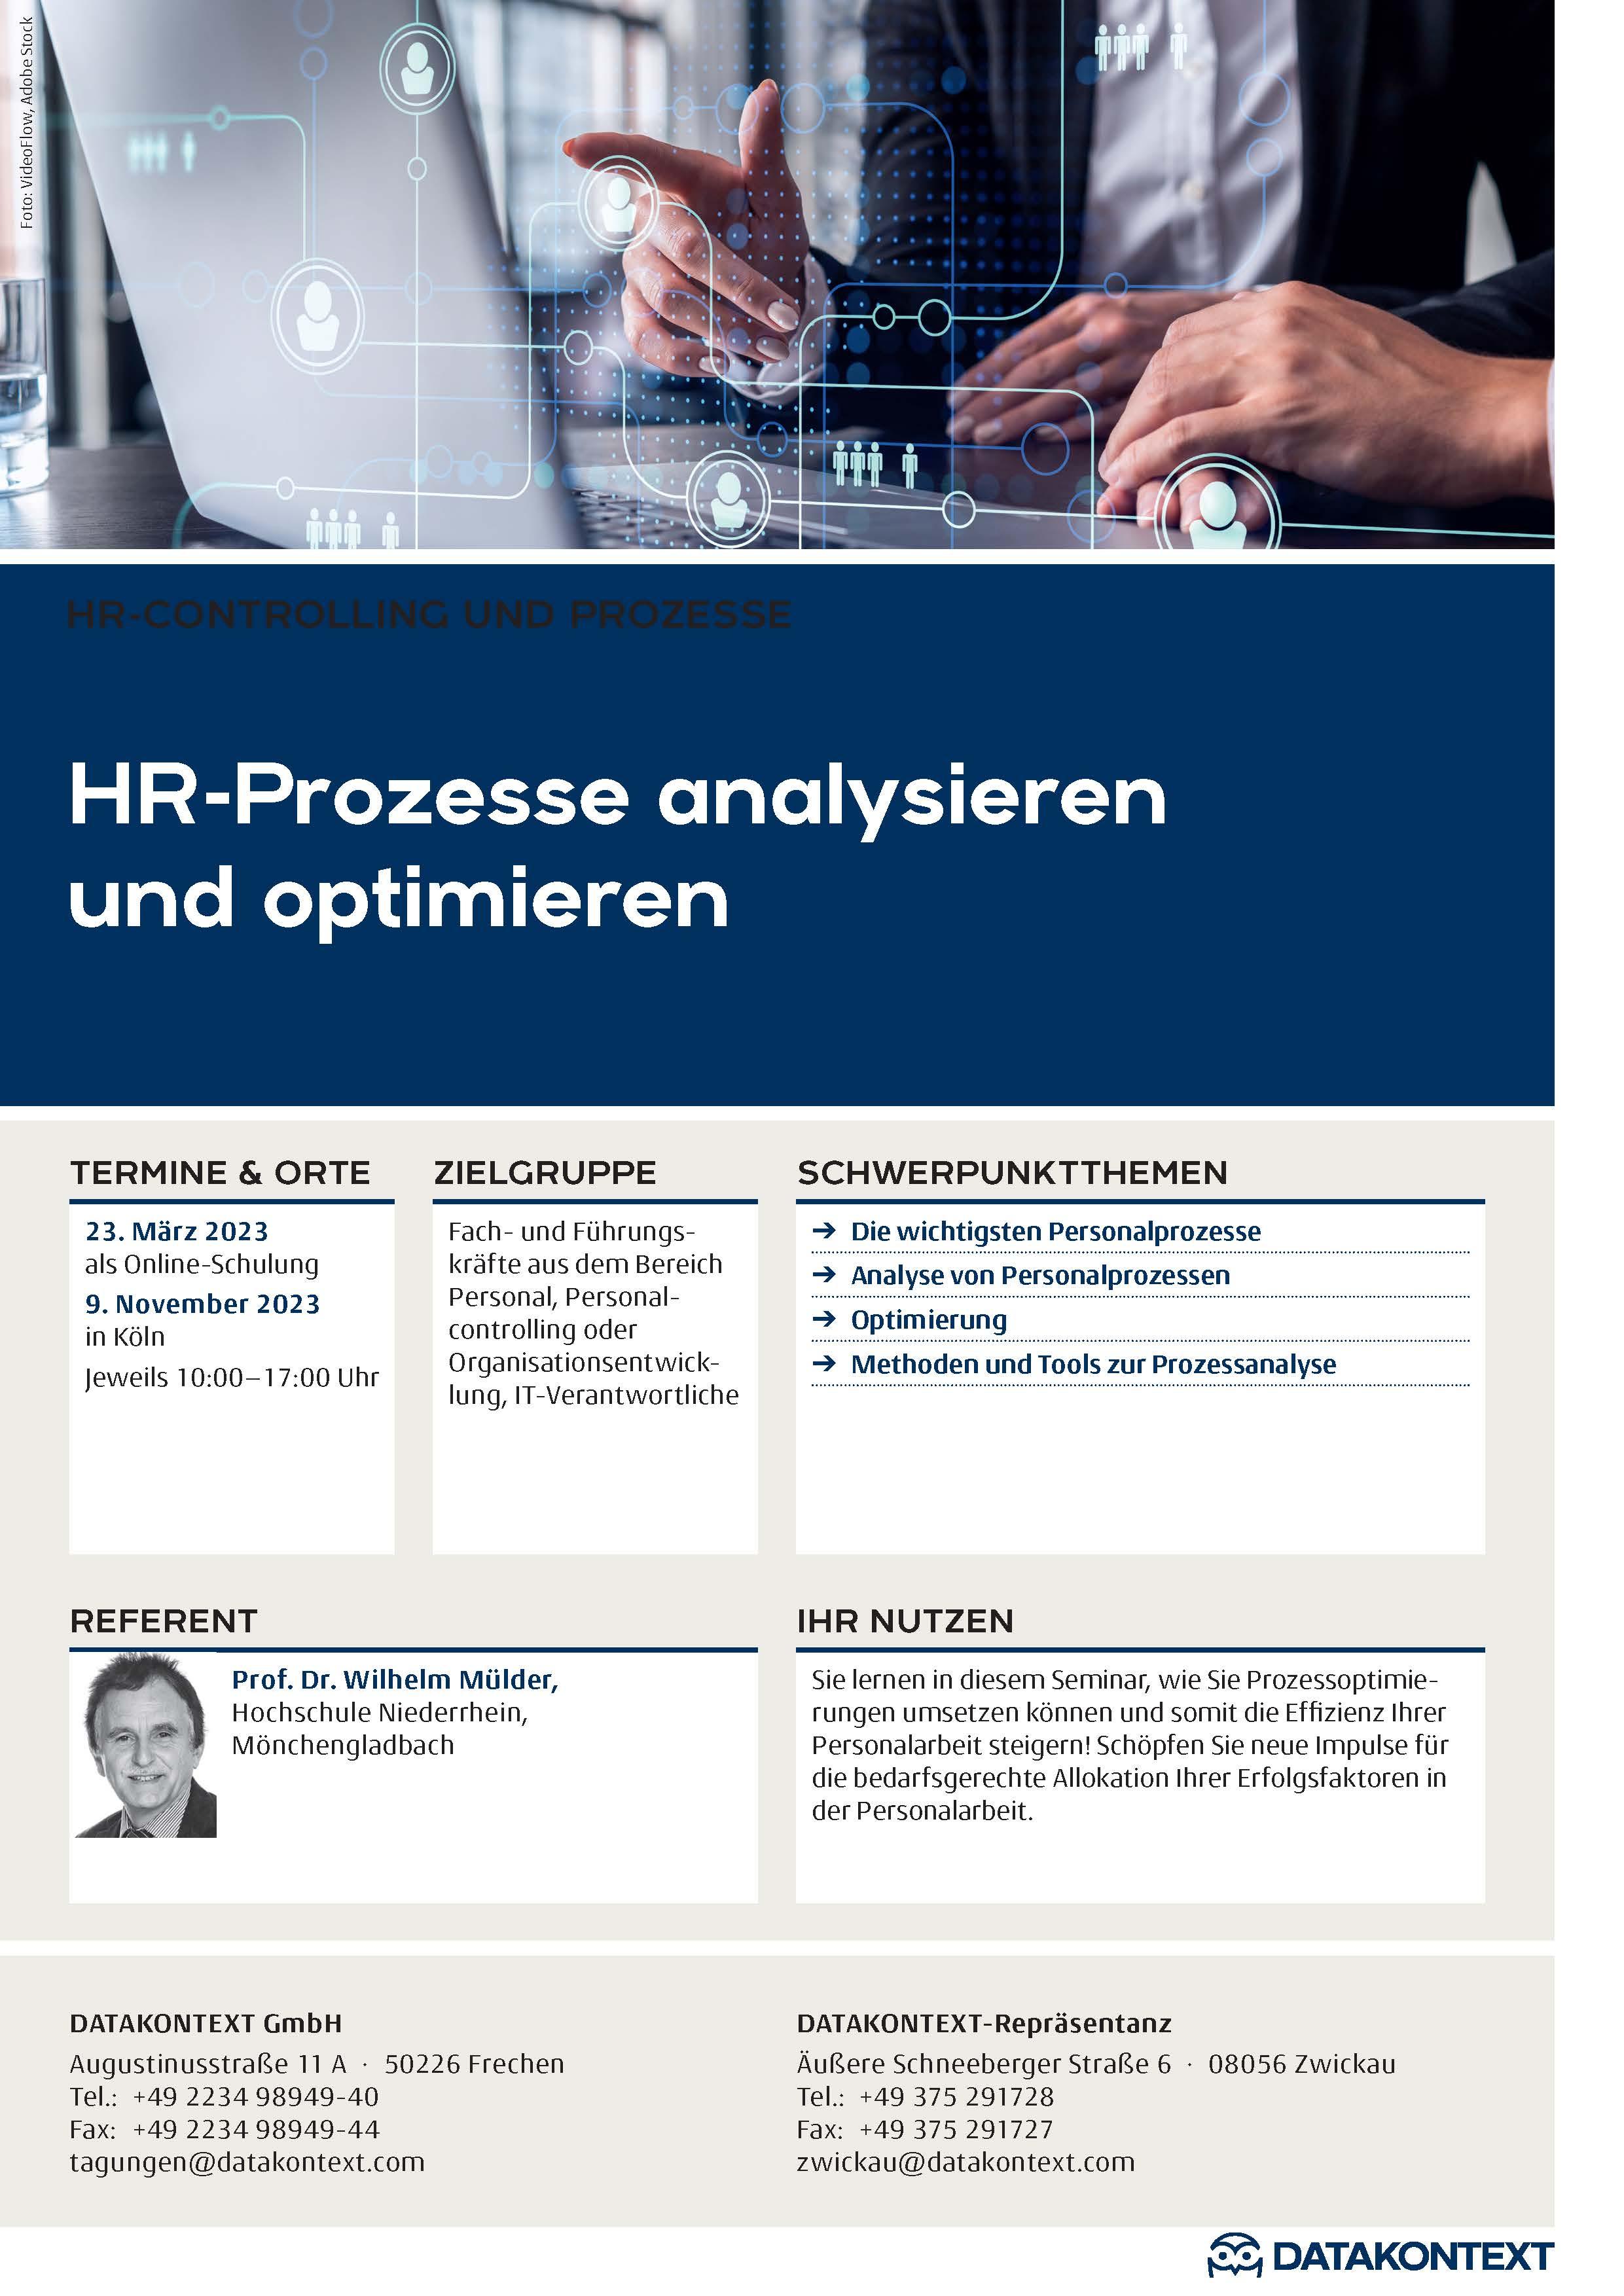 HR-Prozesse analysieren und optimieren-Termin 2020